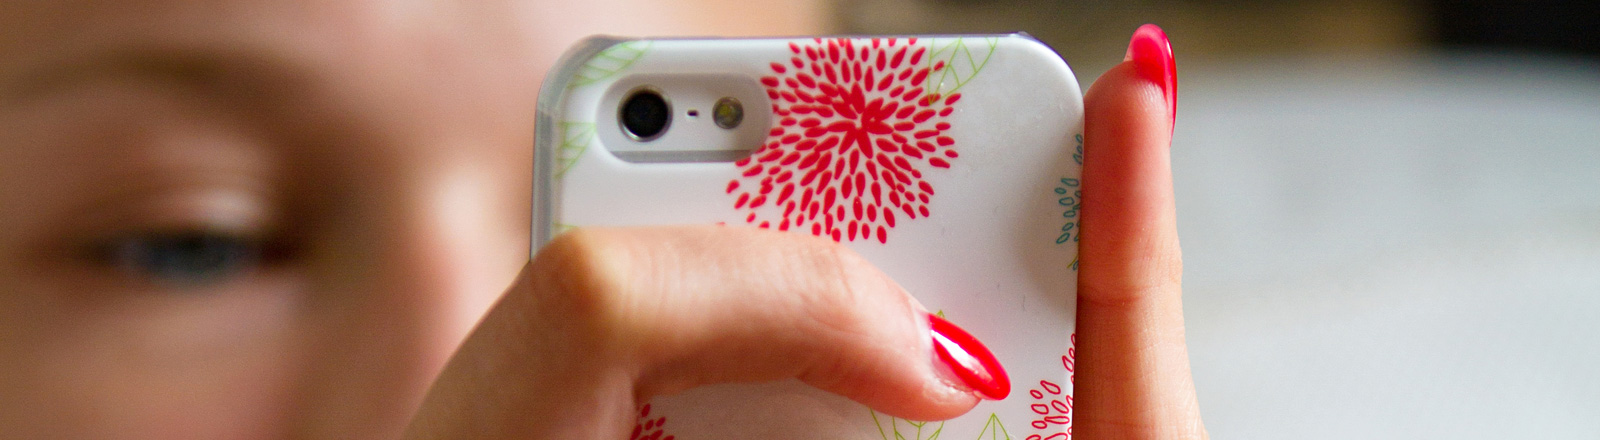 Eine Frau, deren Gesicht unscharf zu sehen ist, hält ein Smartphone in den Händen. Sie hat rot lackierte Fingernägel.